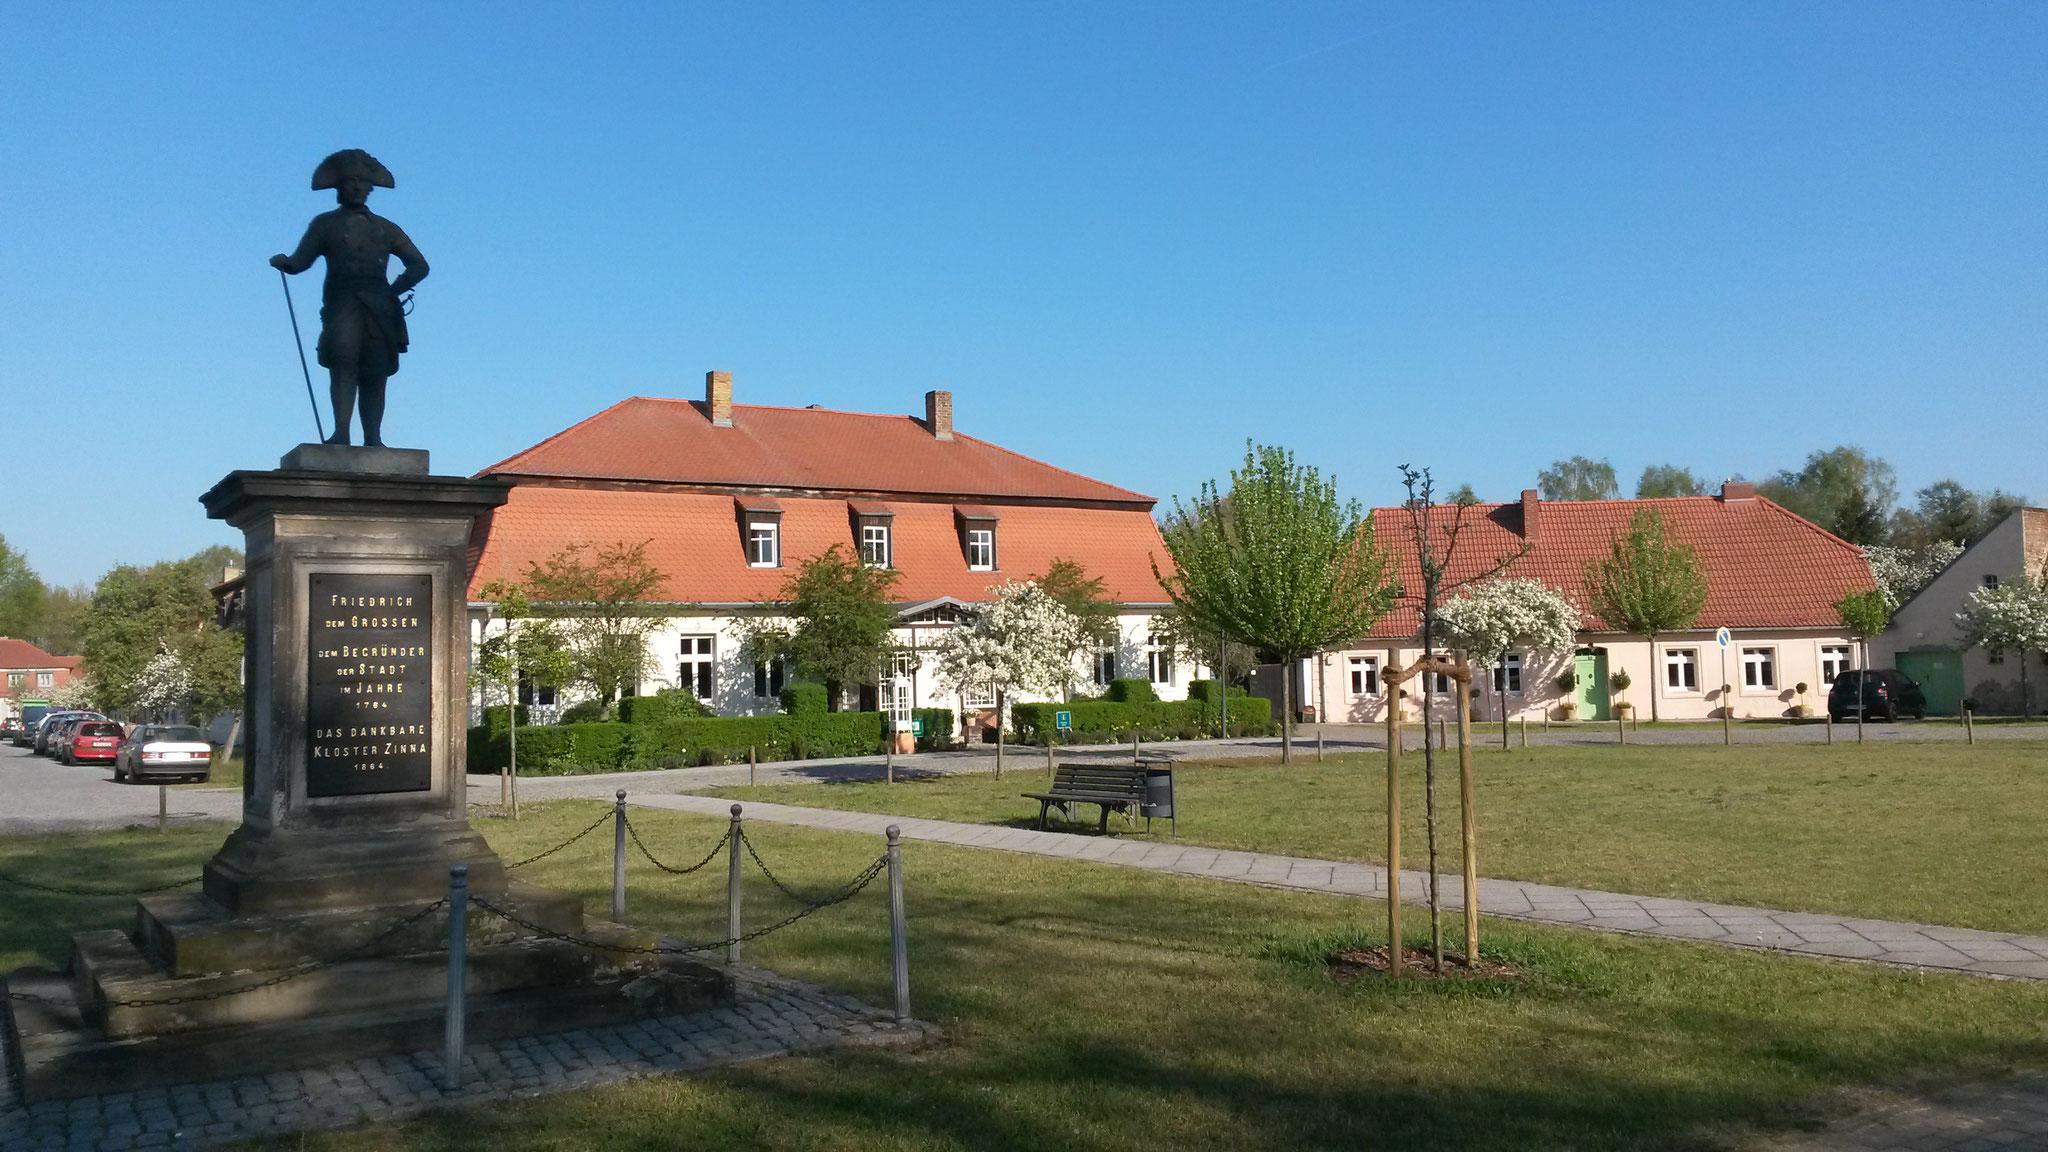 Hotel Alte Försterei am König-Friedrich-Platz in Kloster Zinna